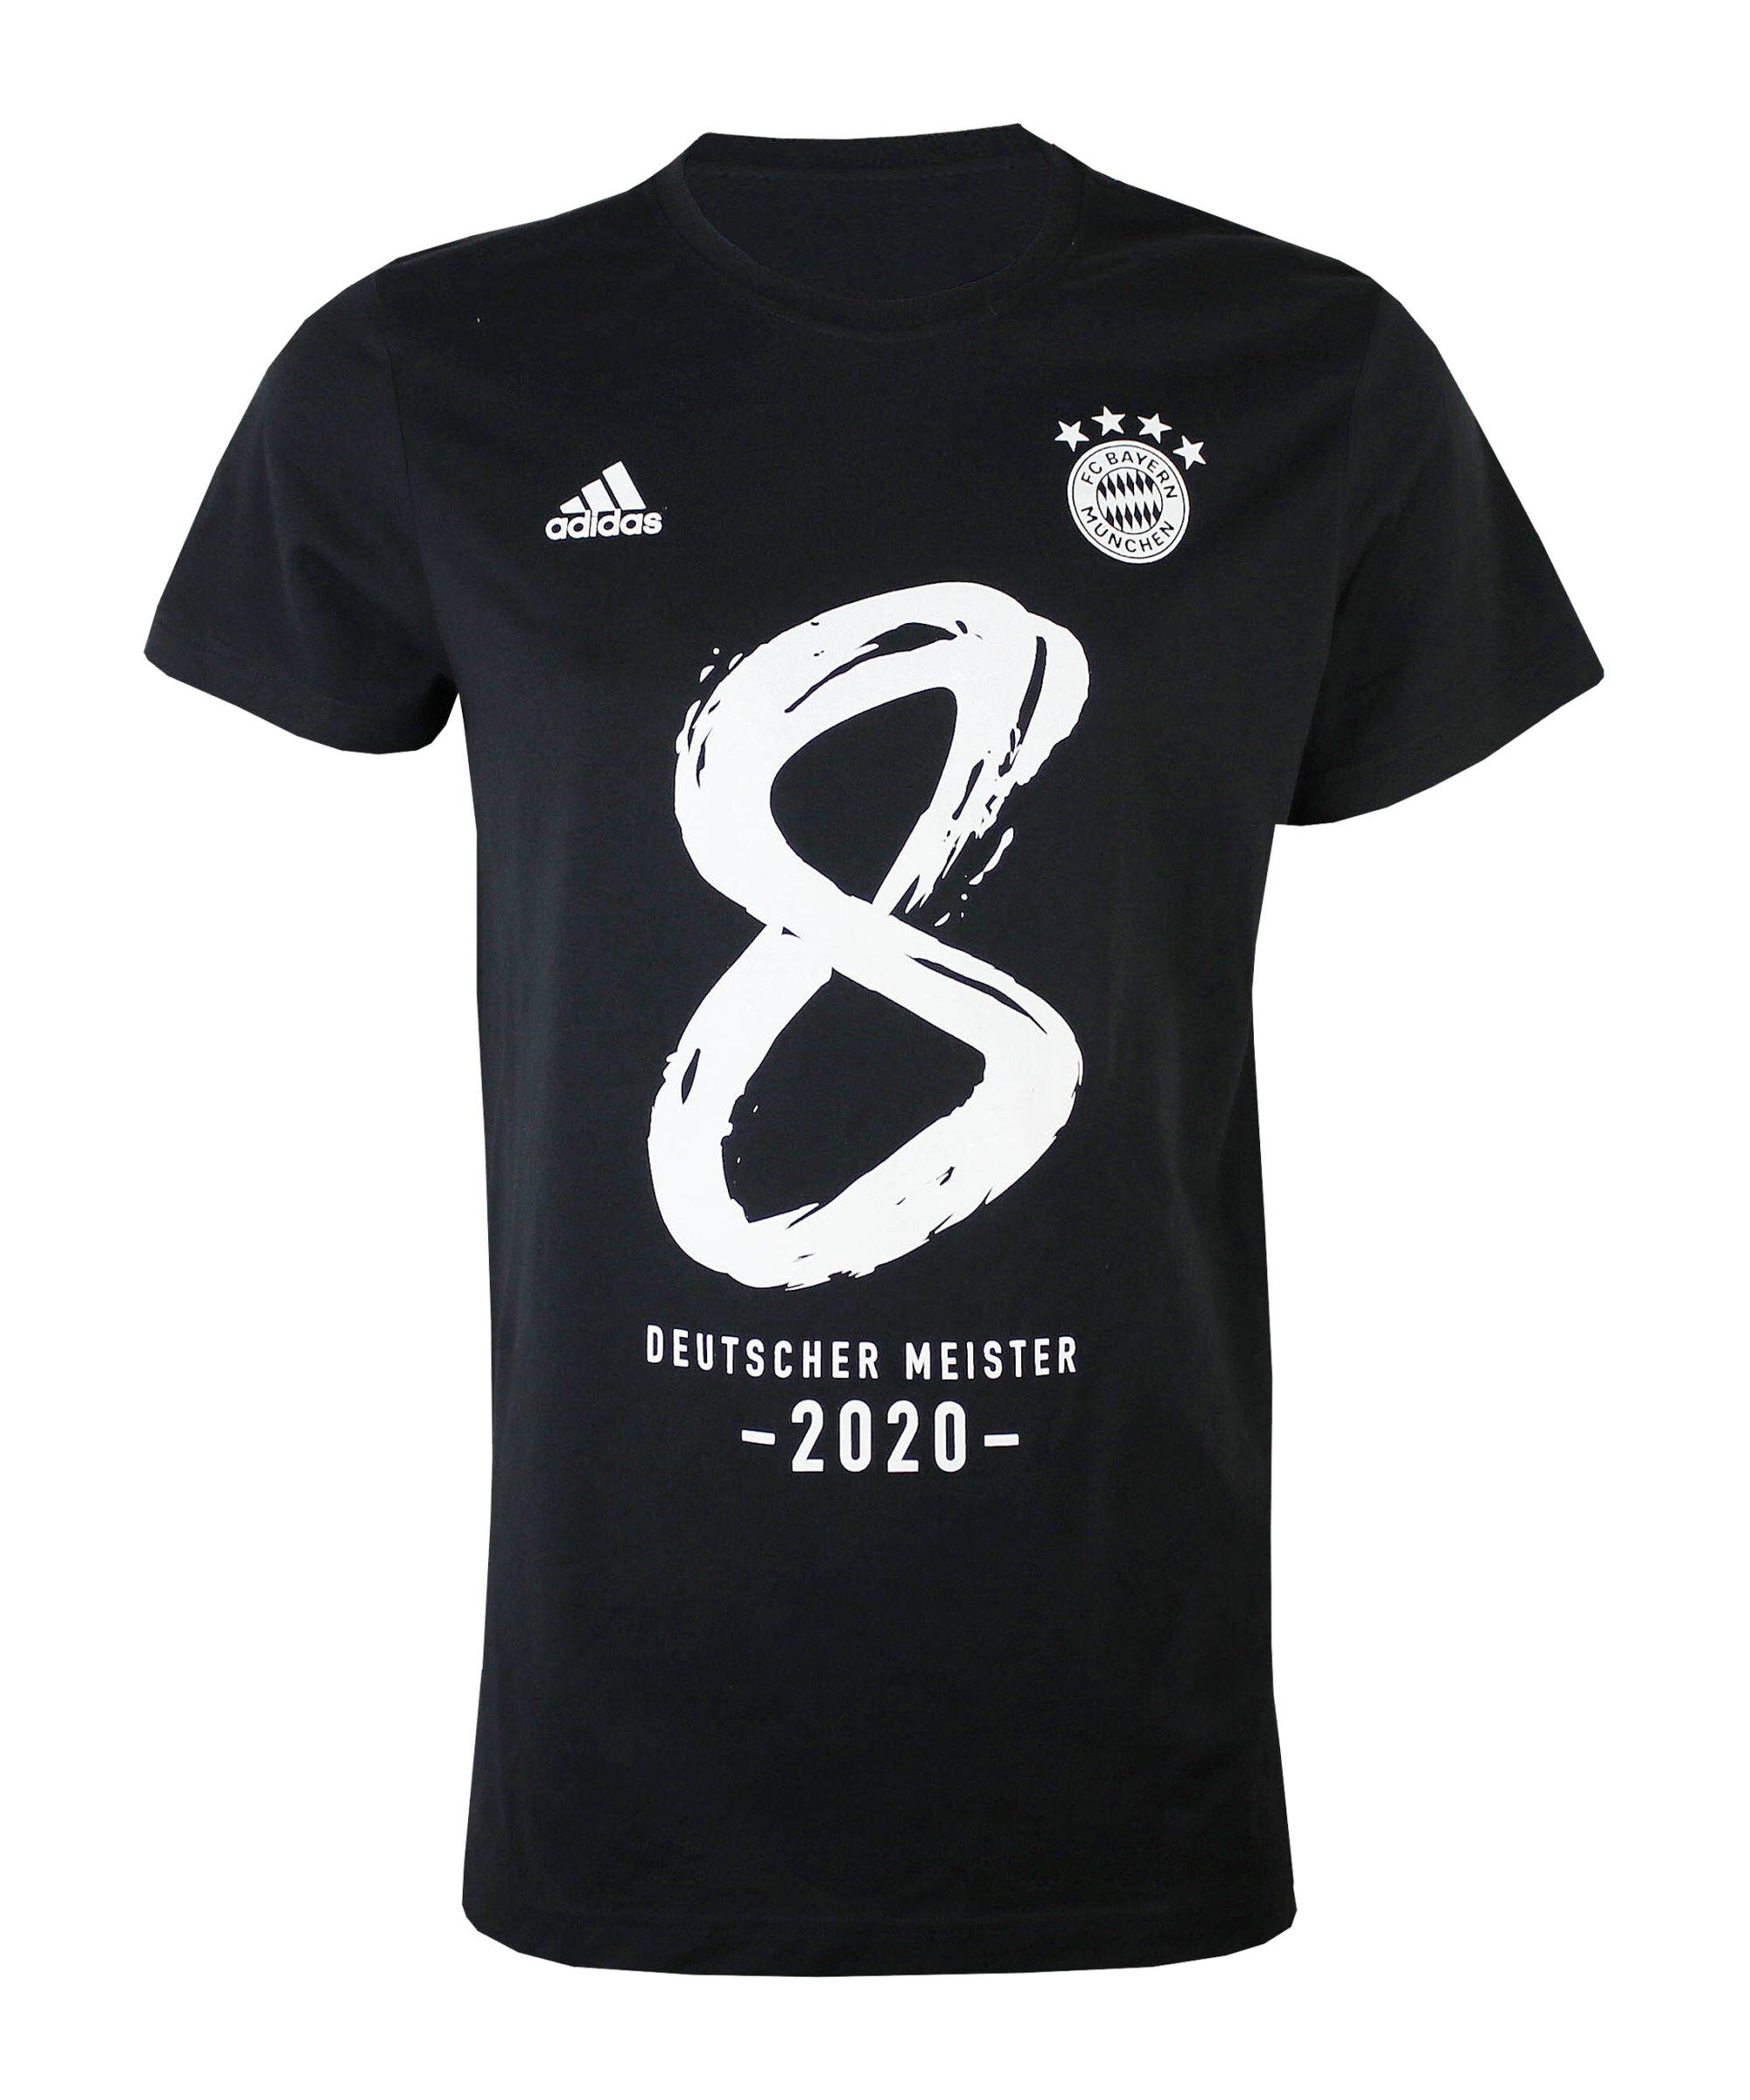 adidas FC Bayern München Meistershirt 2020 Schwarz - schwarz